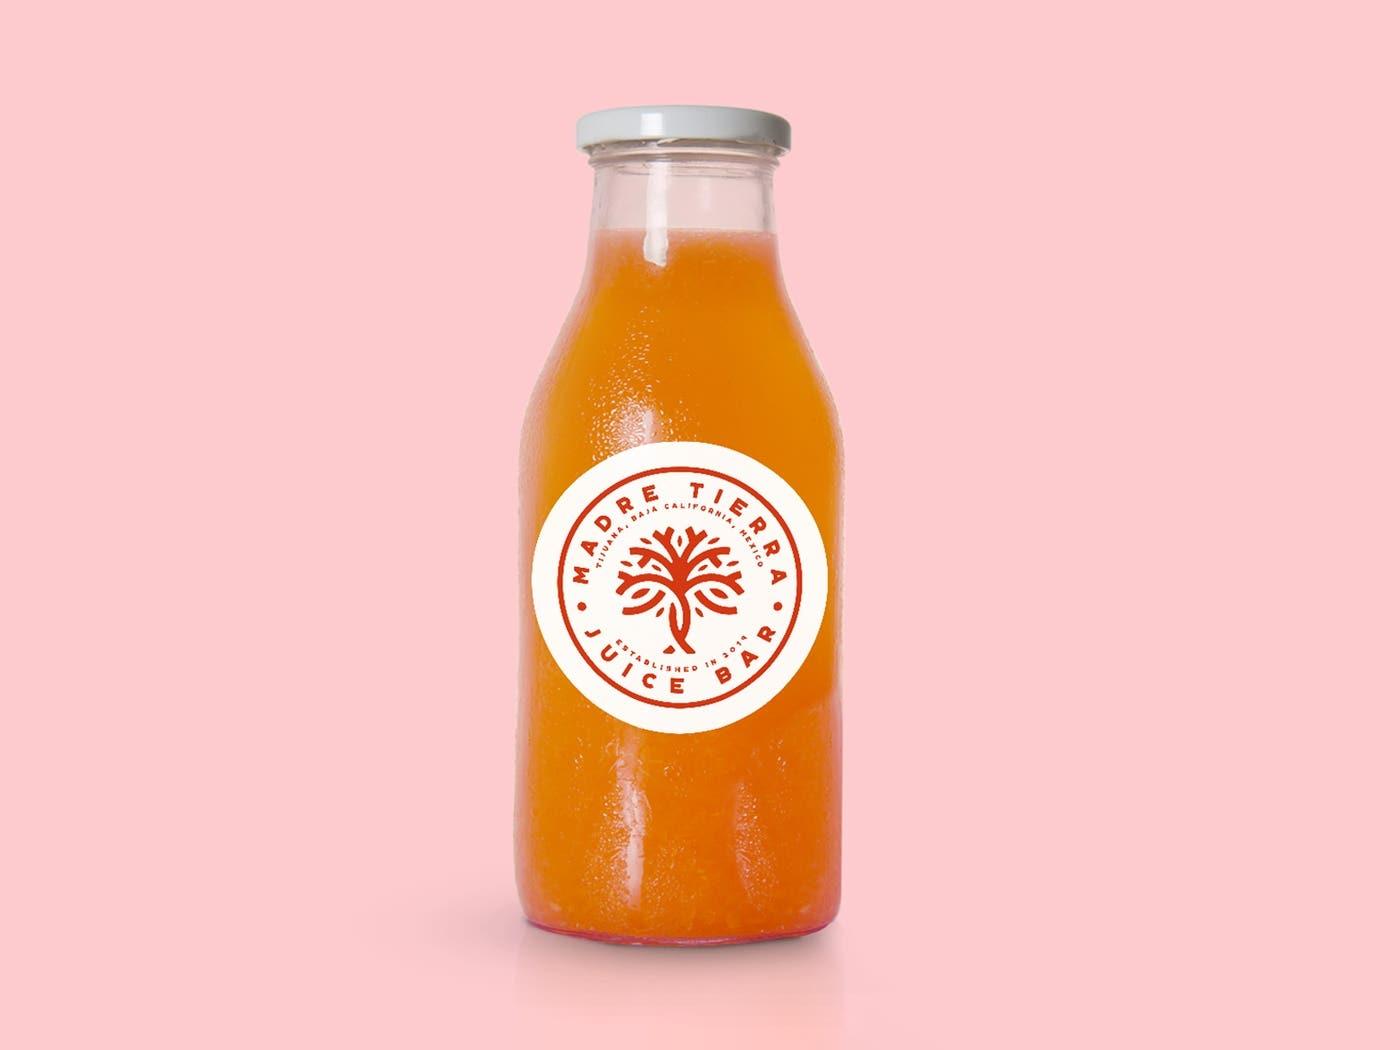 4x3-1679199-juice-logo.png